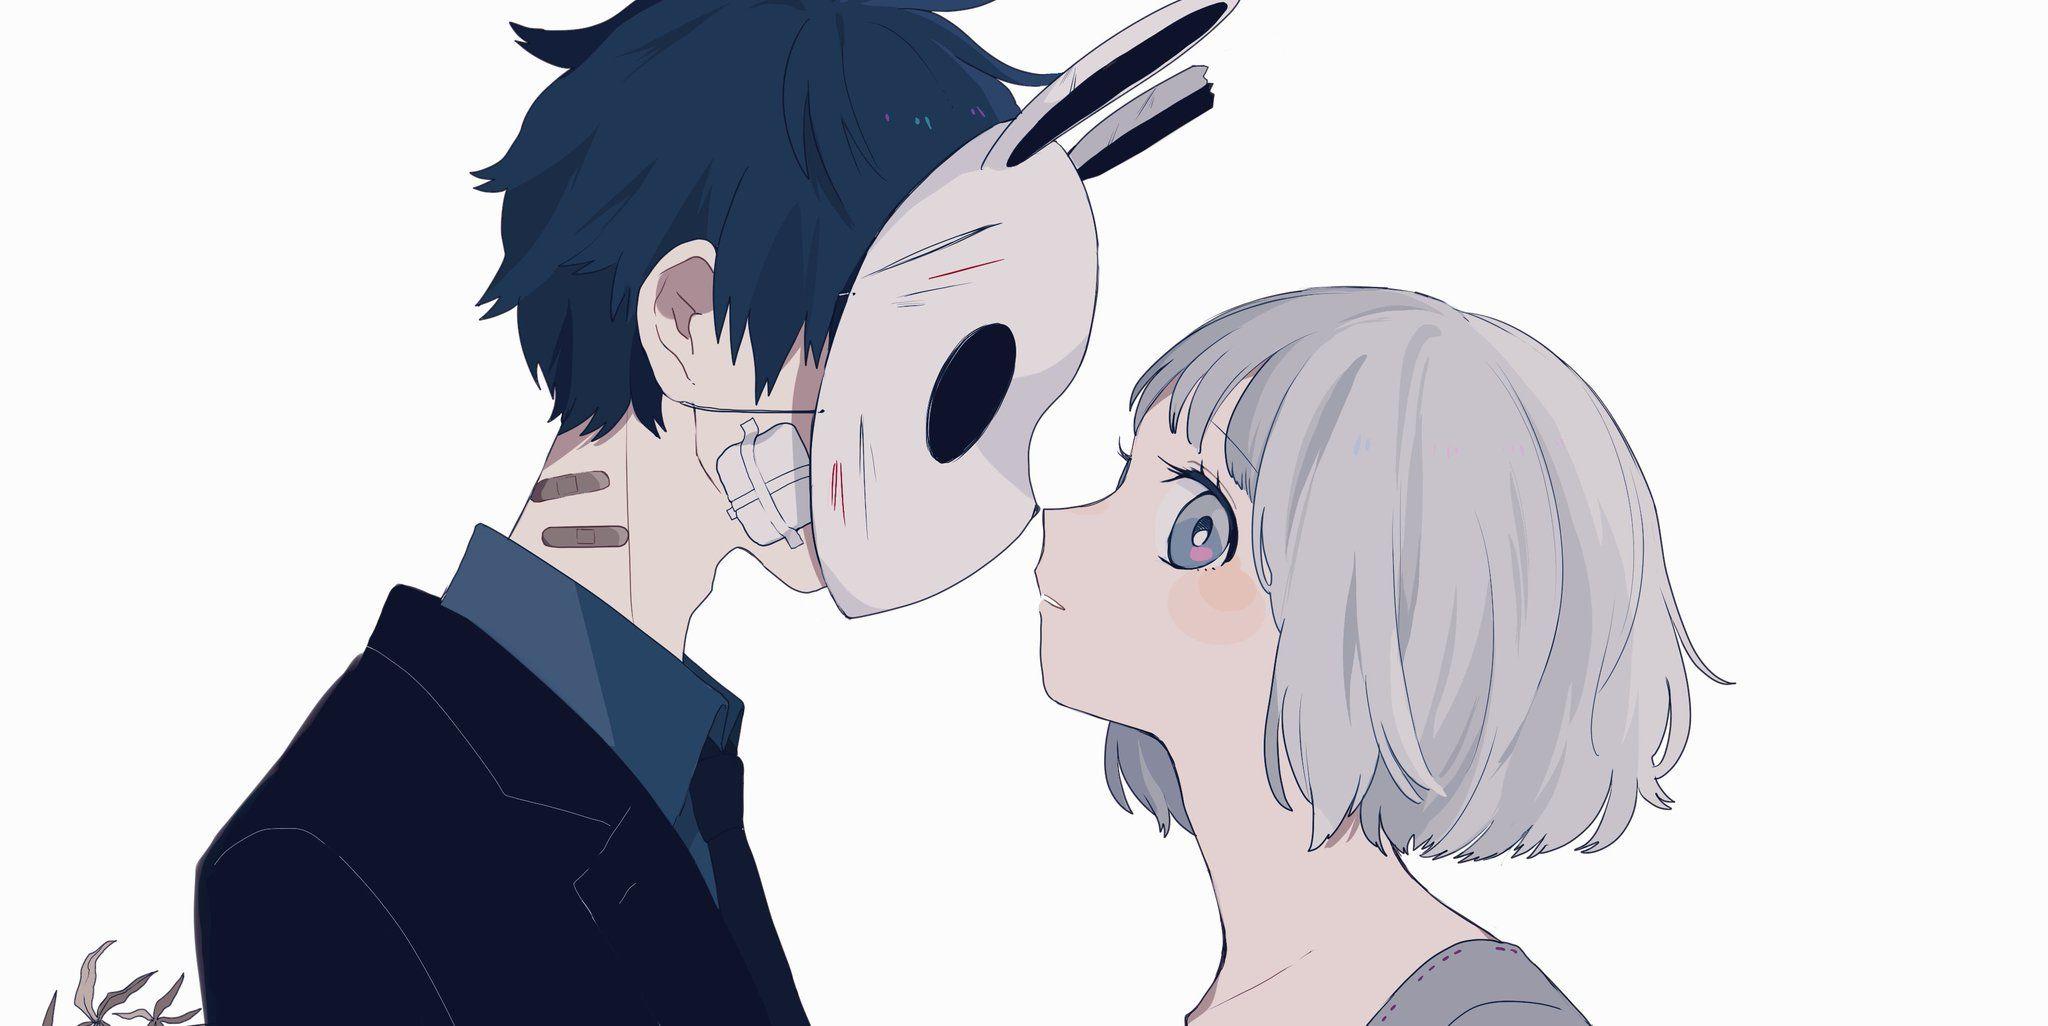 Cute Anime Couples Aesthetic ~ Anime Girl